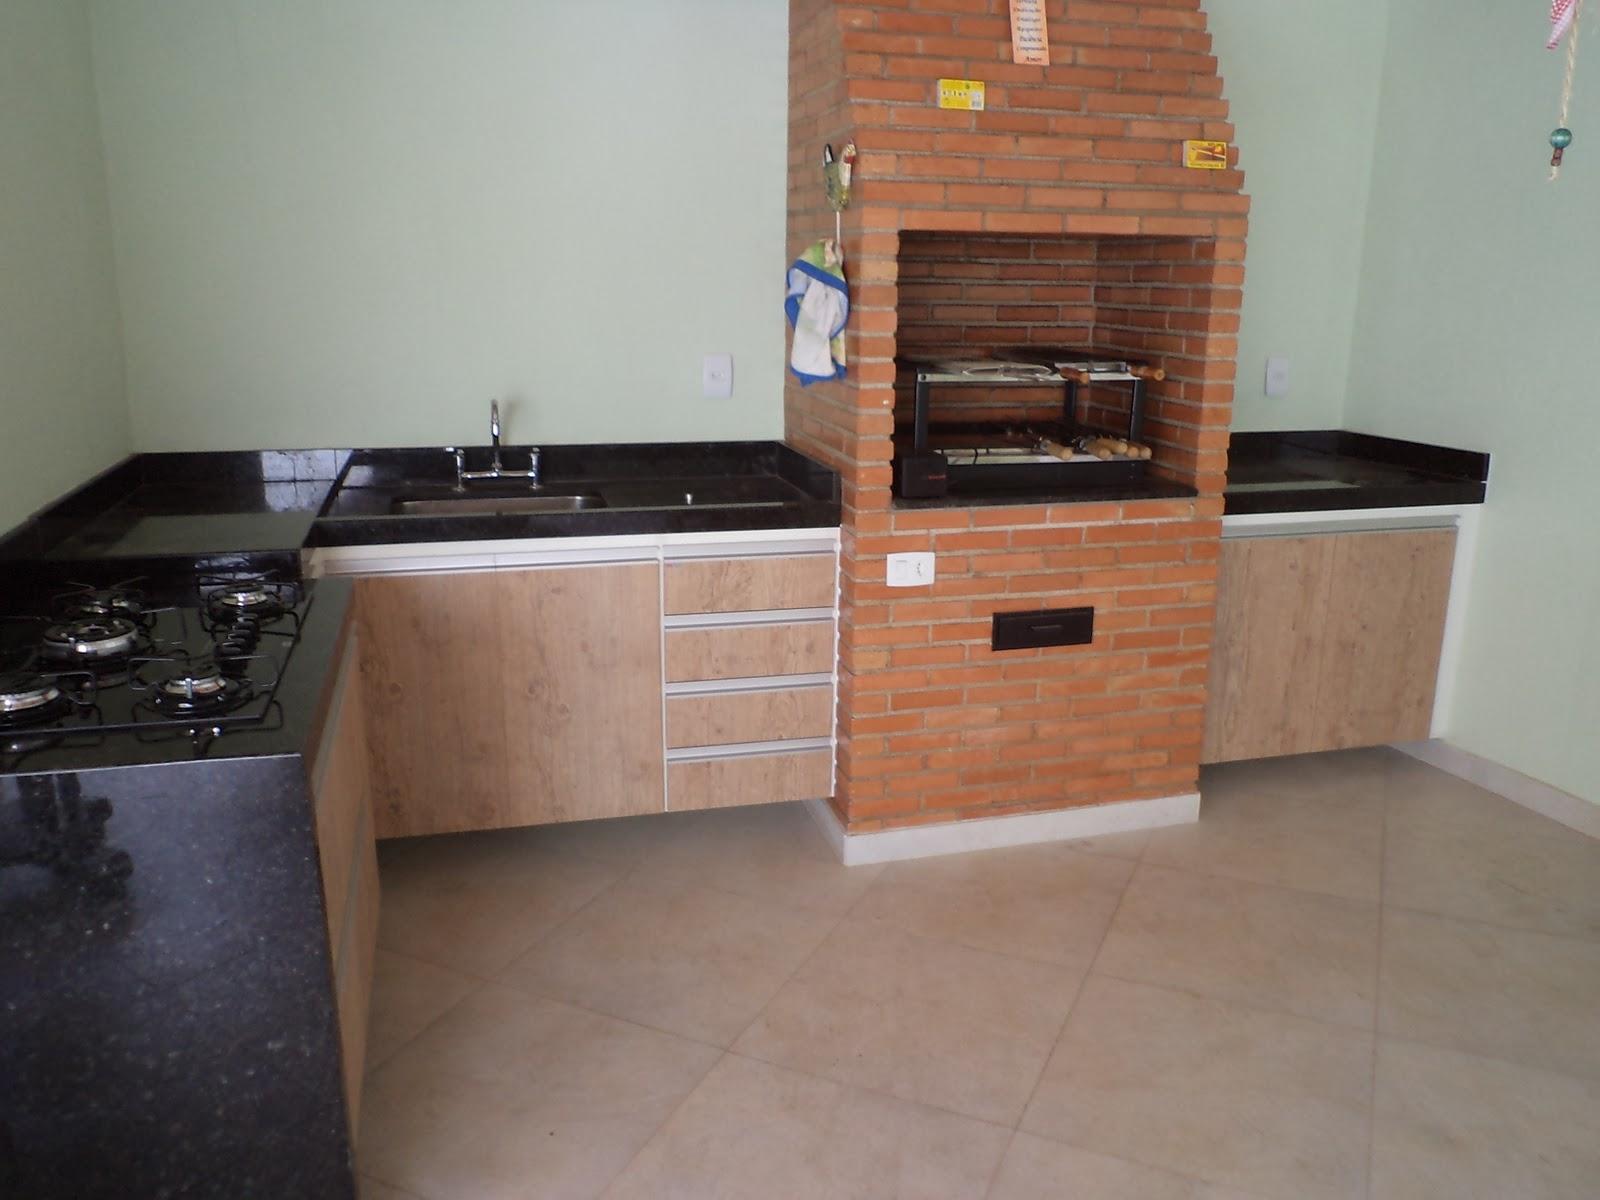 #8F593C cozinha planejada em mdf de 15mm no padrão branco com frentes de  1600x1200 px Projetos De Cozinha Externa_5445 Imagens